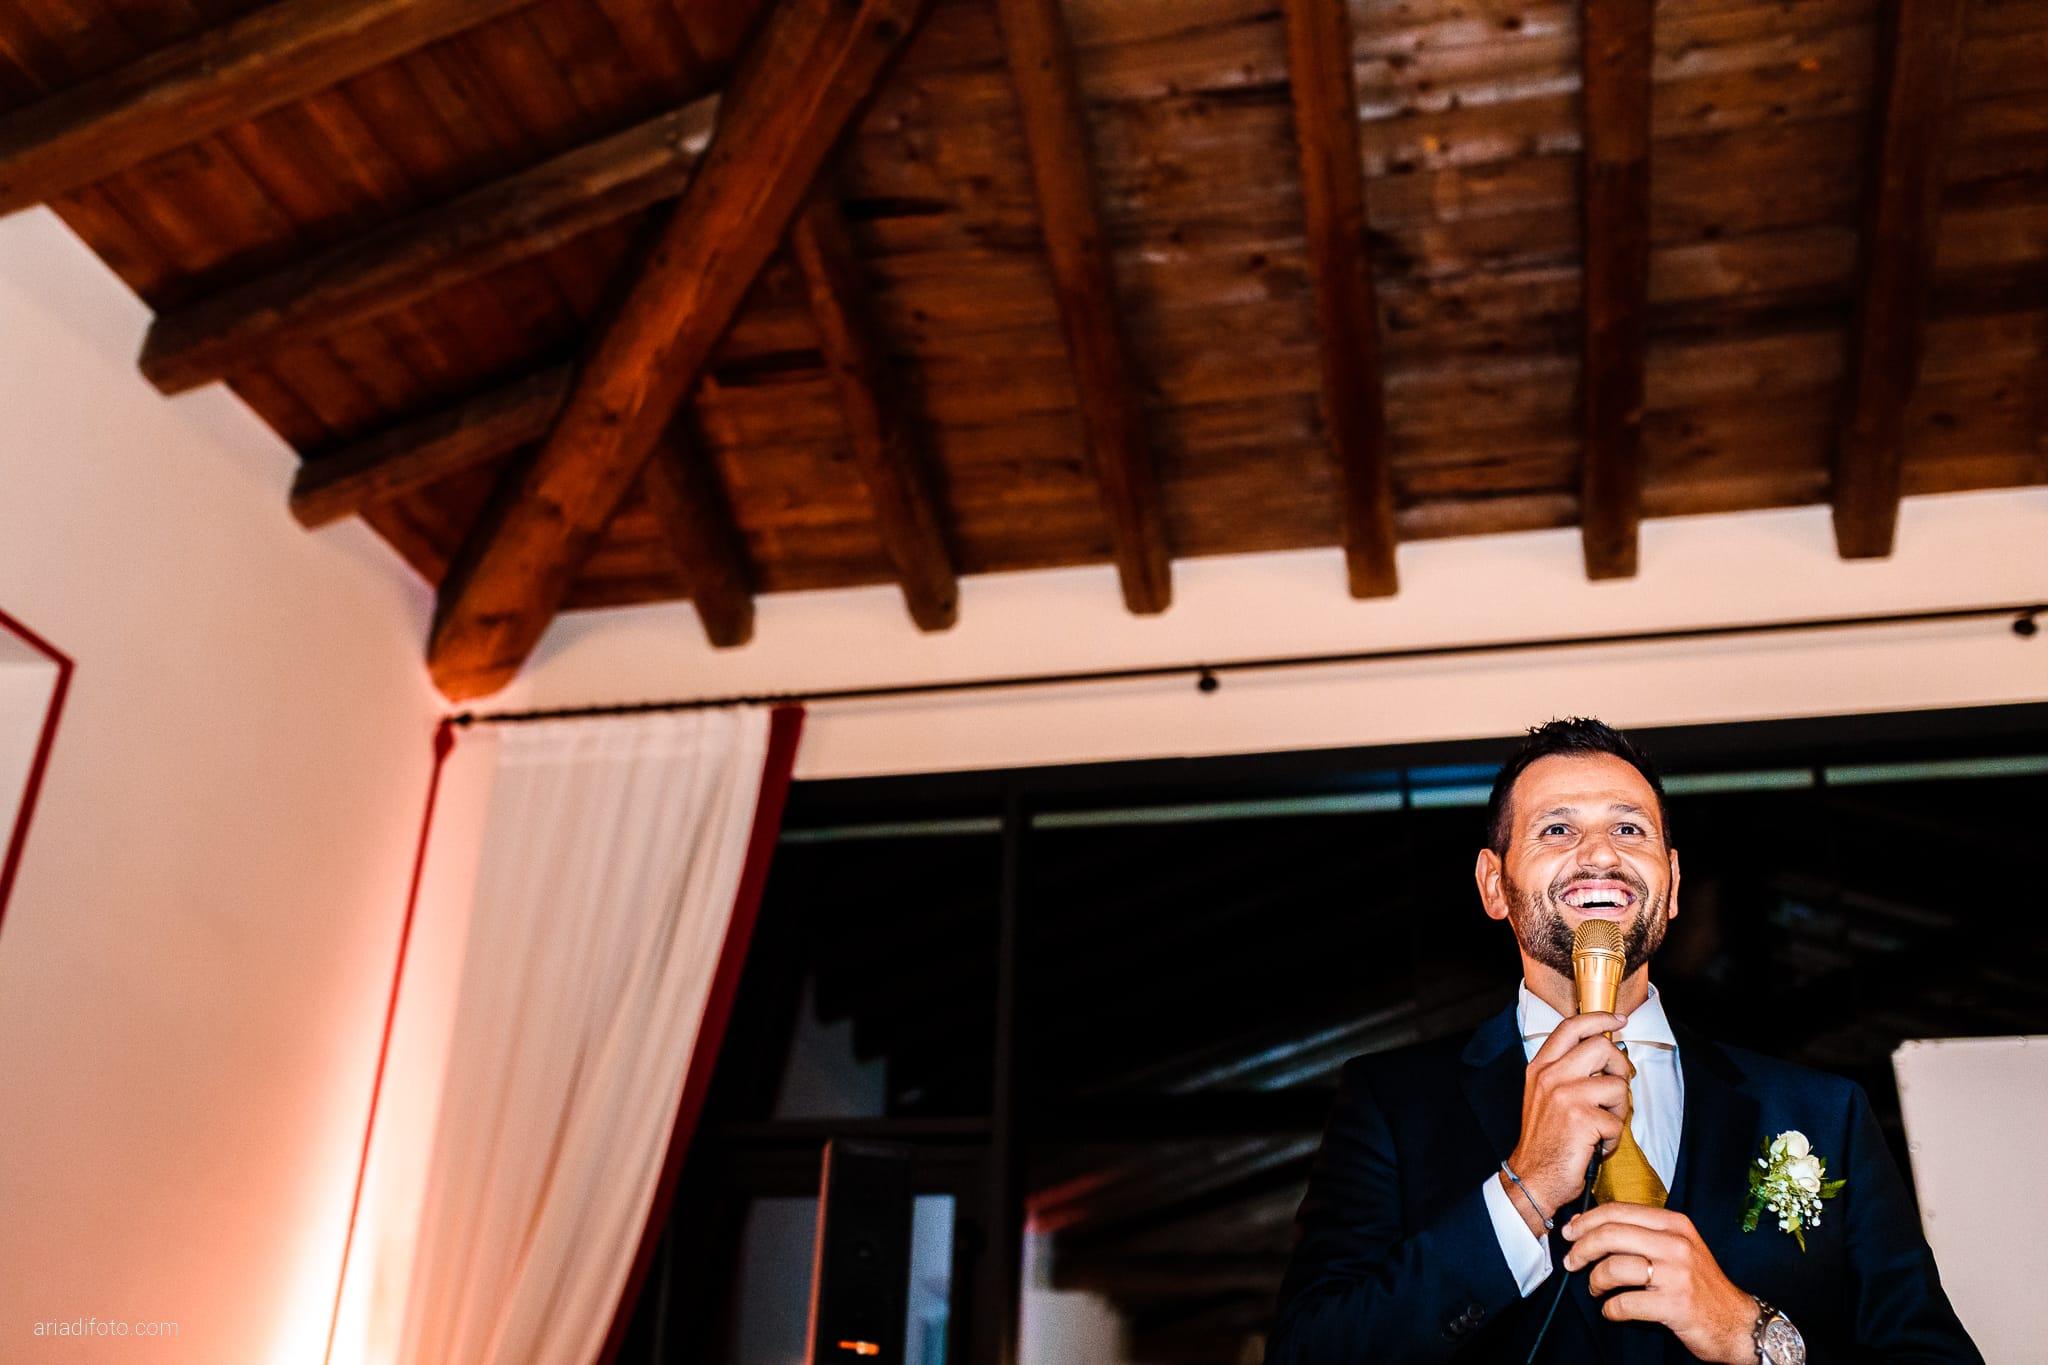 Nicoletta Pierfrancesco Matrimonio Gorizia Villa Attems Lucinico ricevimento discorsi emozioni